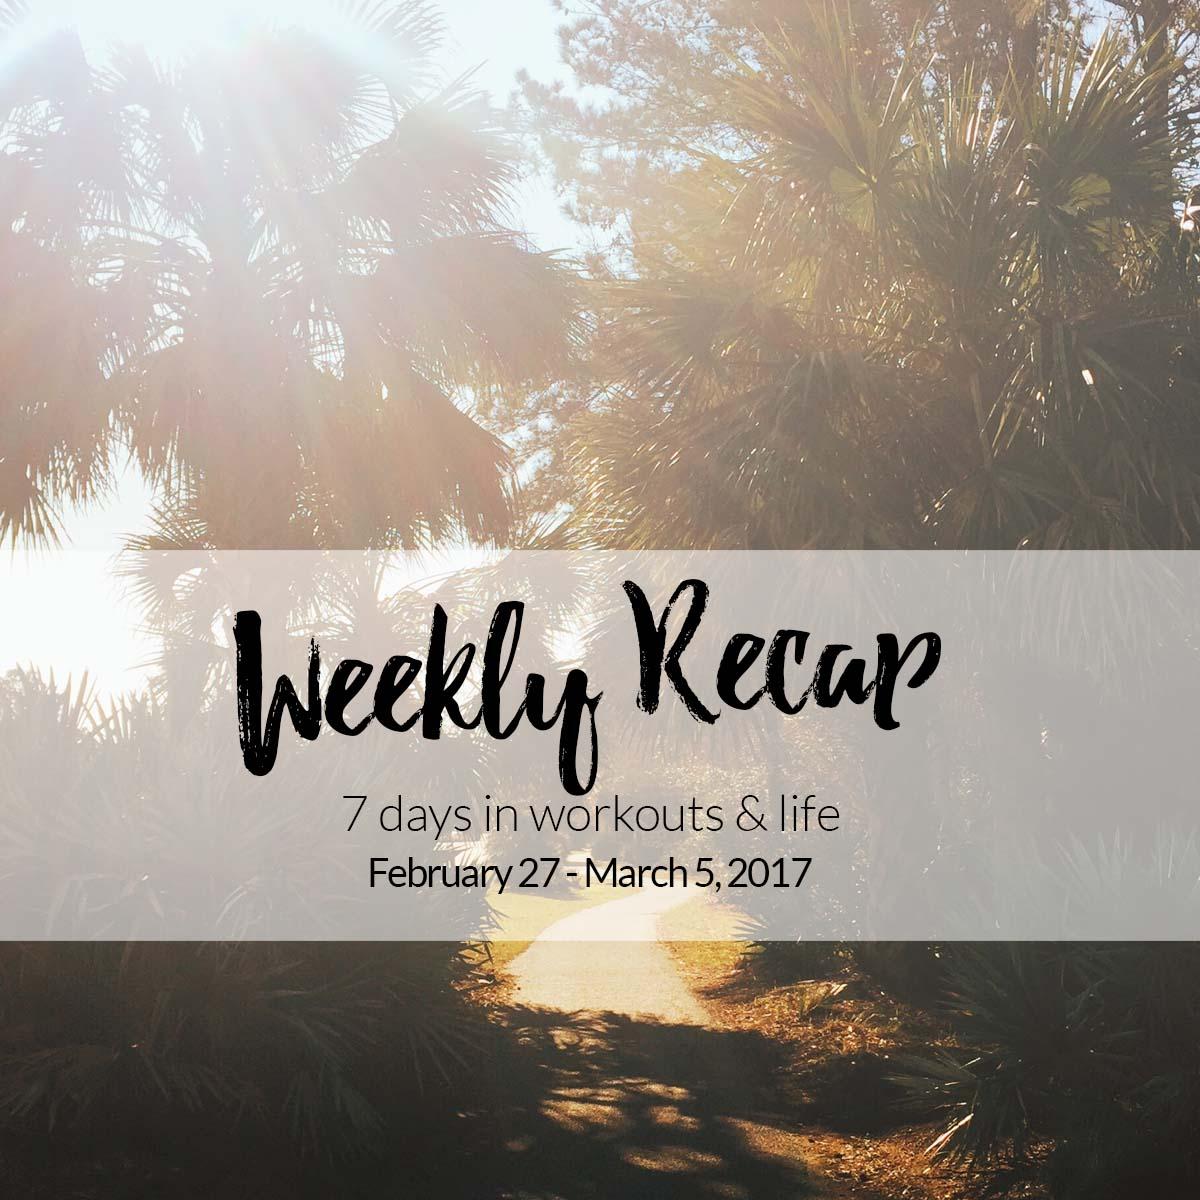 weekly recap 2/27-3/5